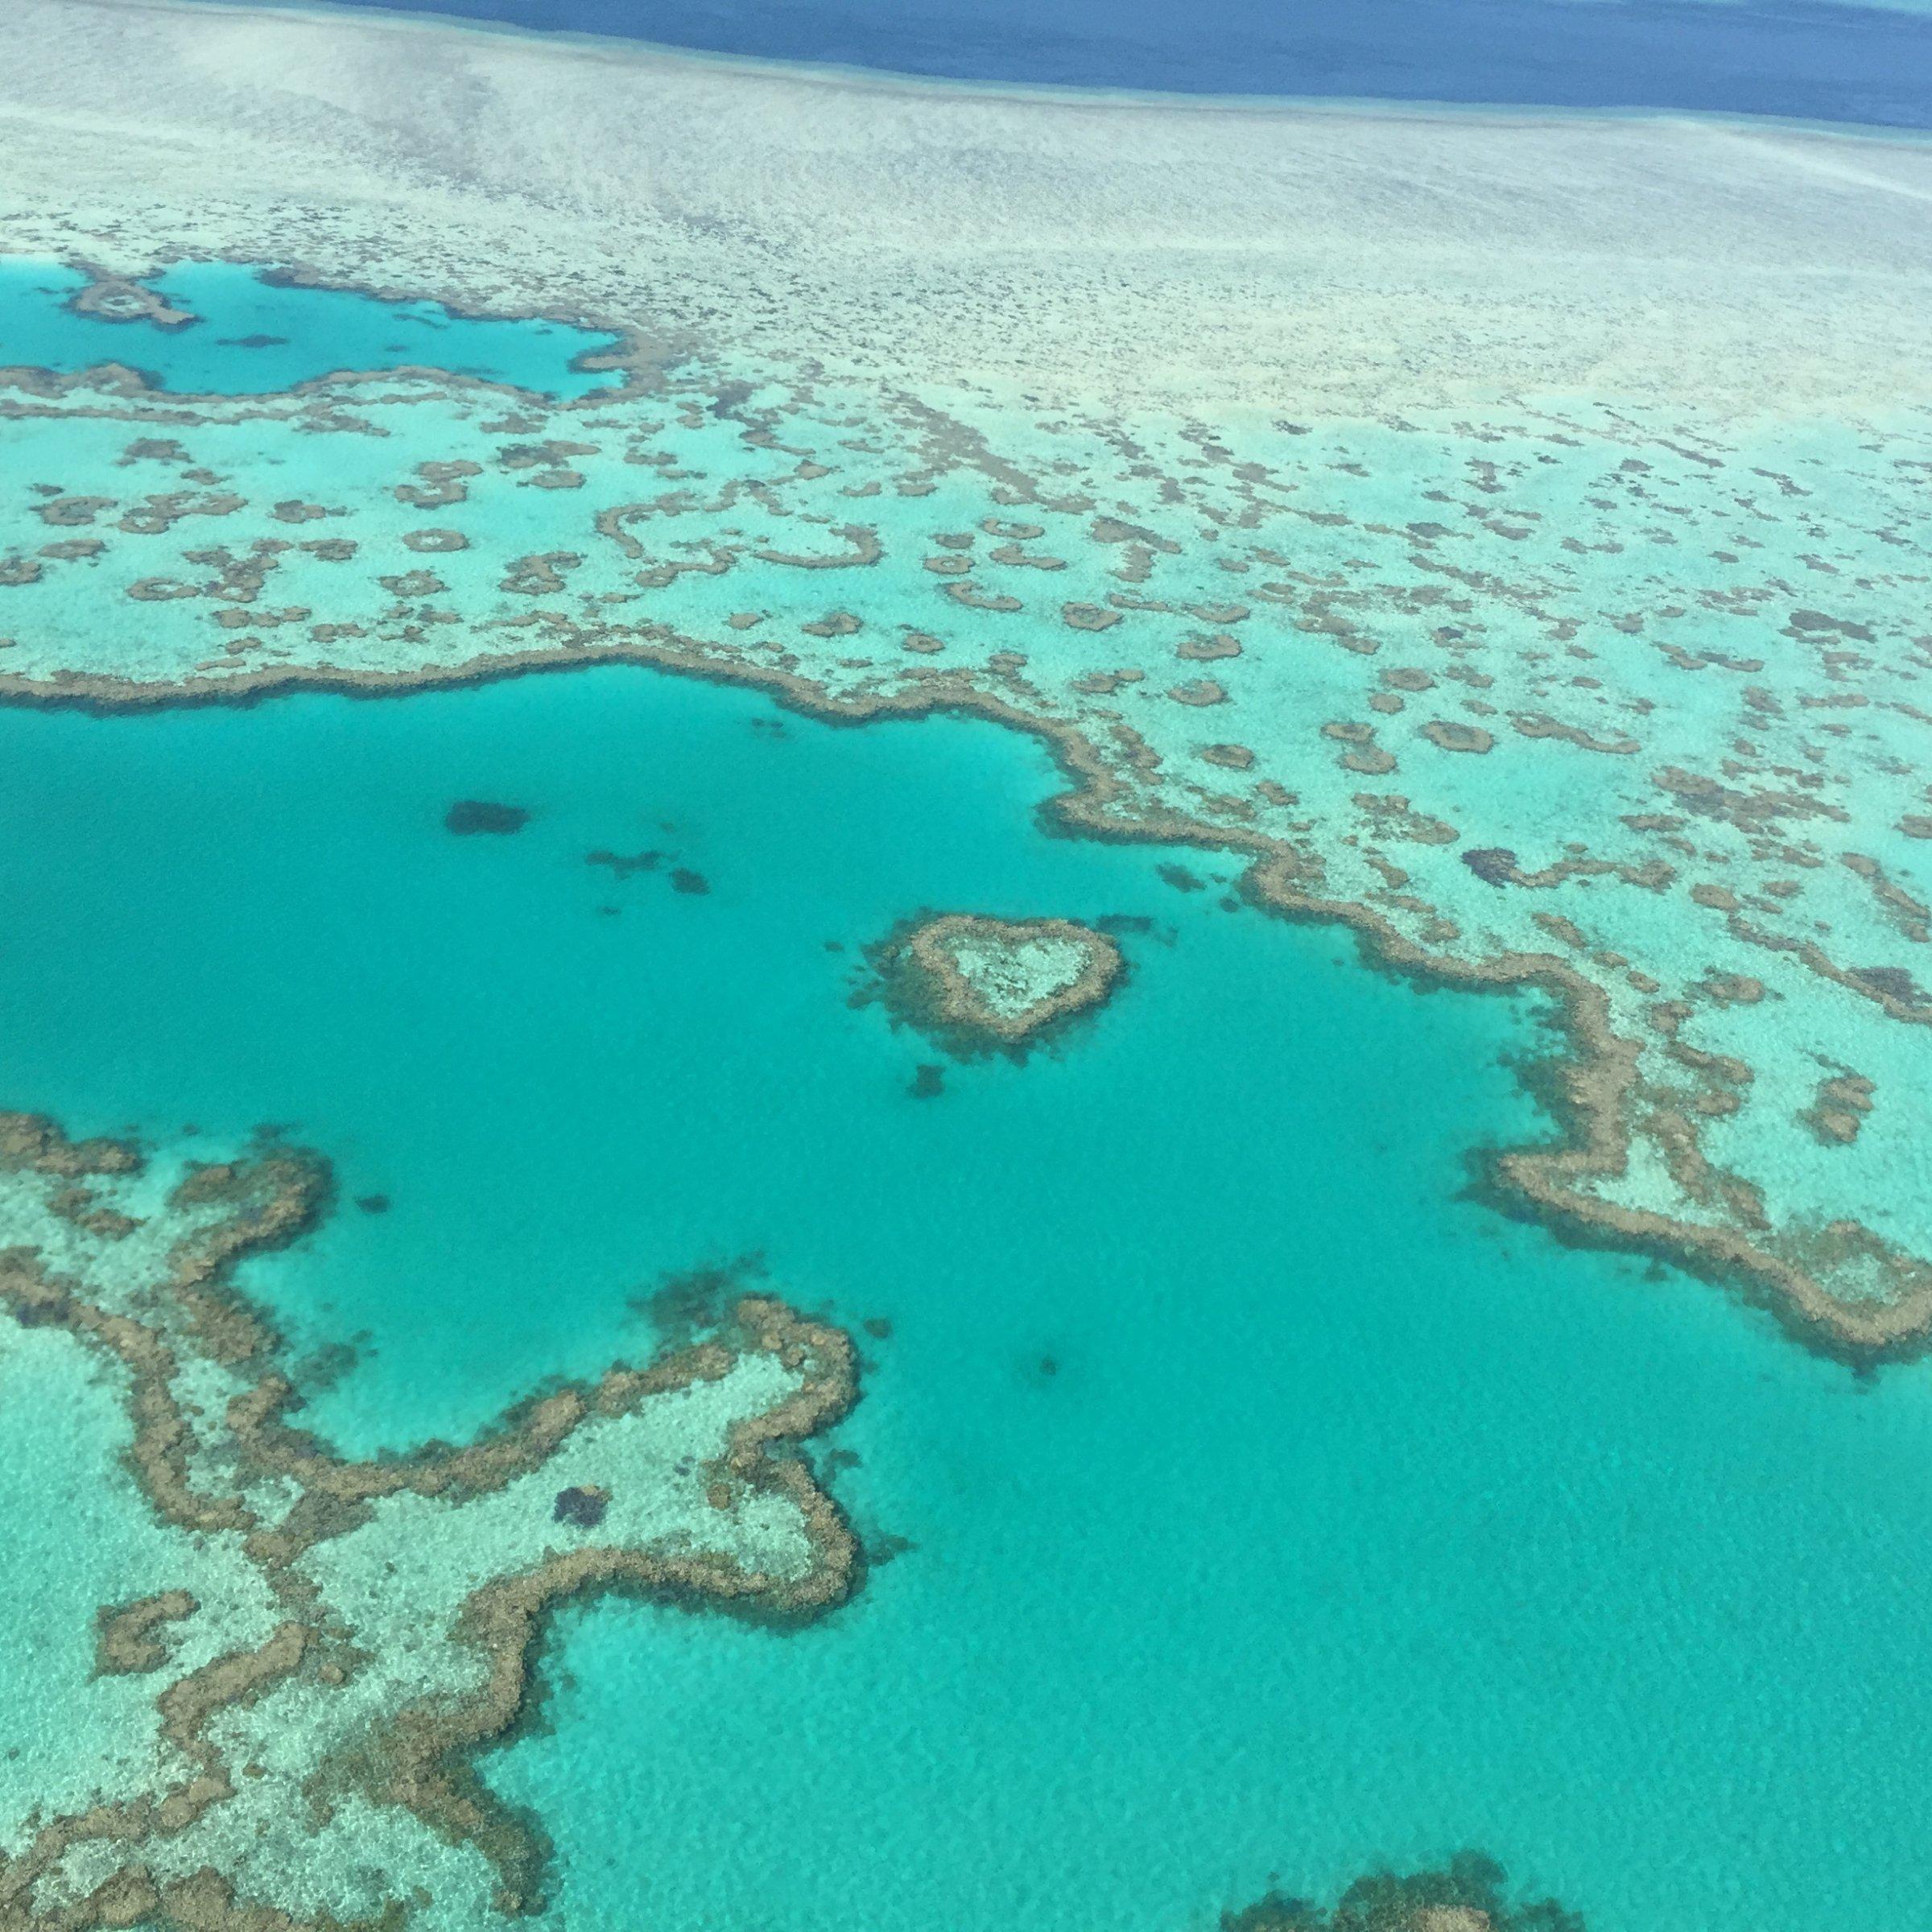 Foto zeigt ein Luftbild auf Riffe des Great Barrier Reef Marine Parks vor Australien